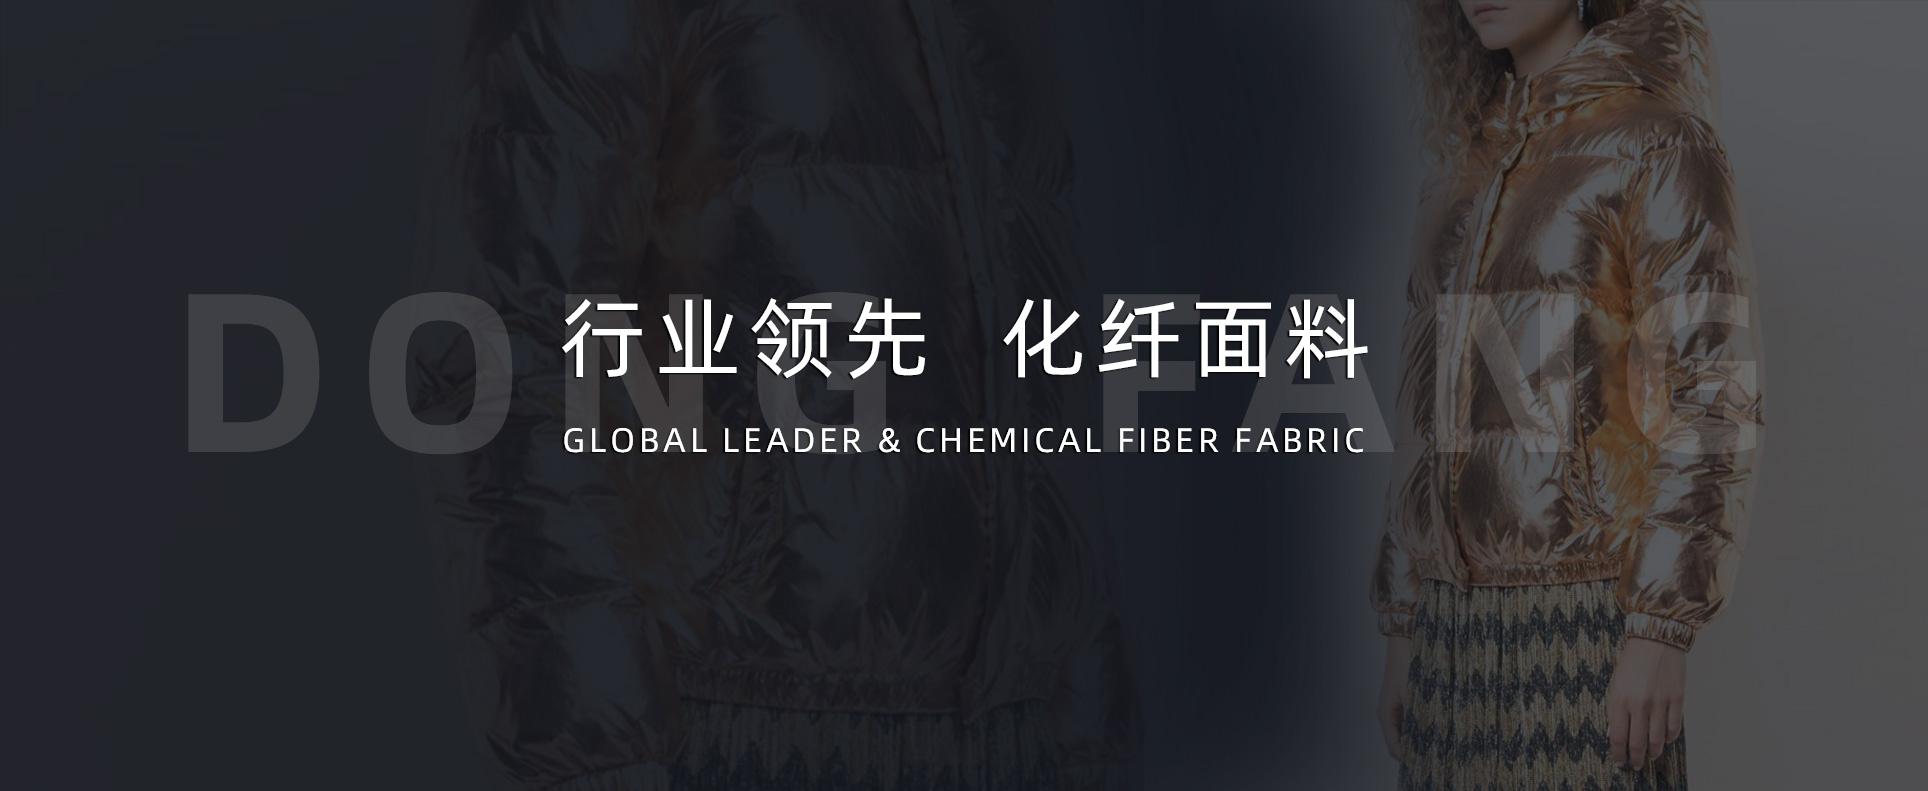 江苏东昉纺织科技有限公司